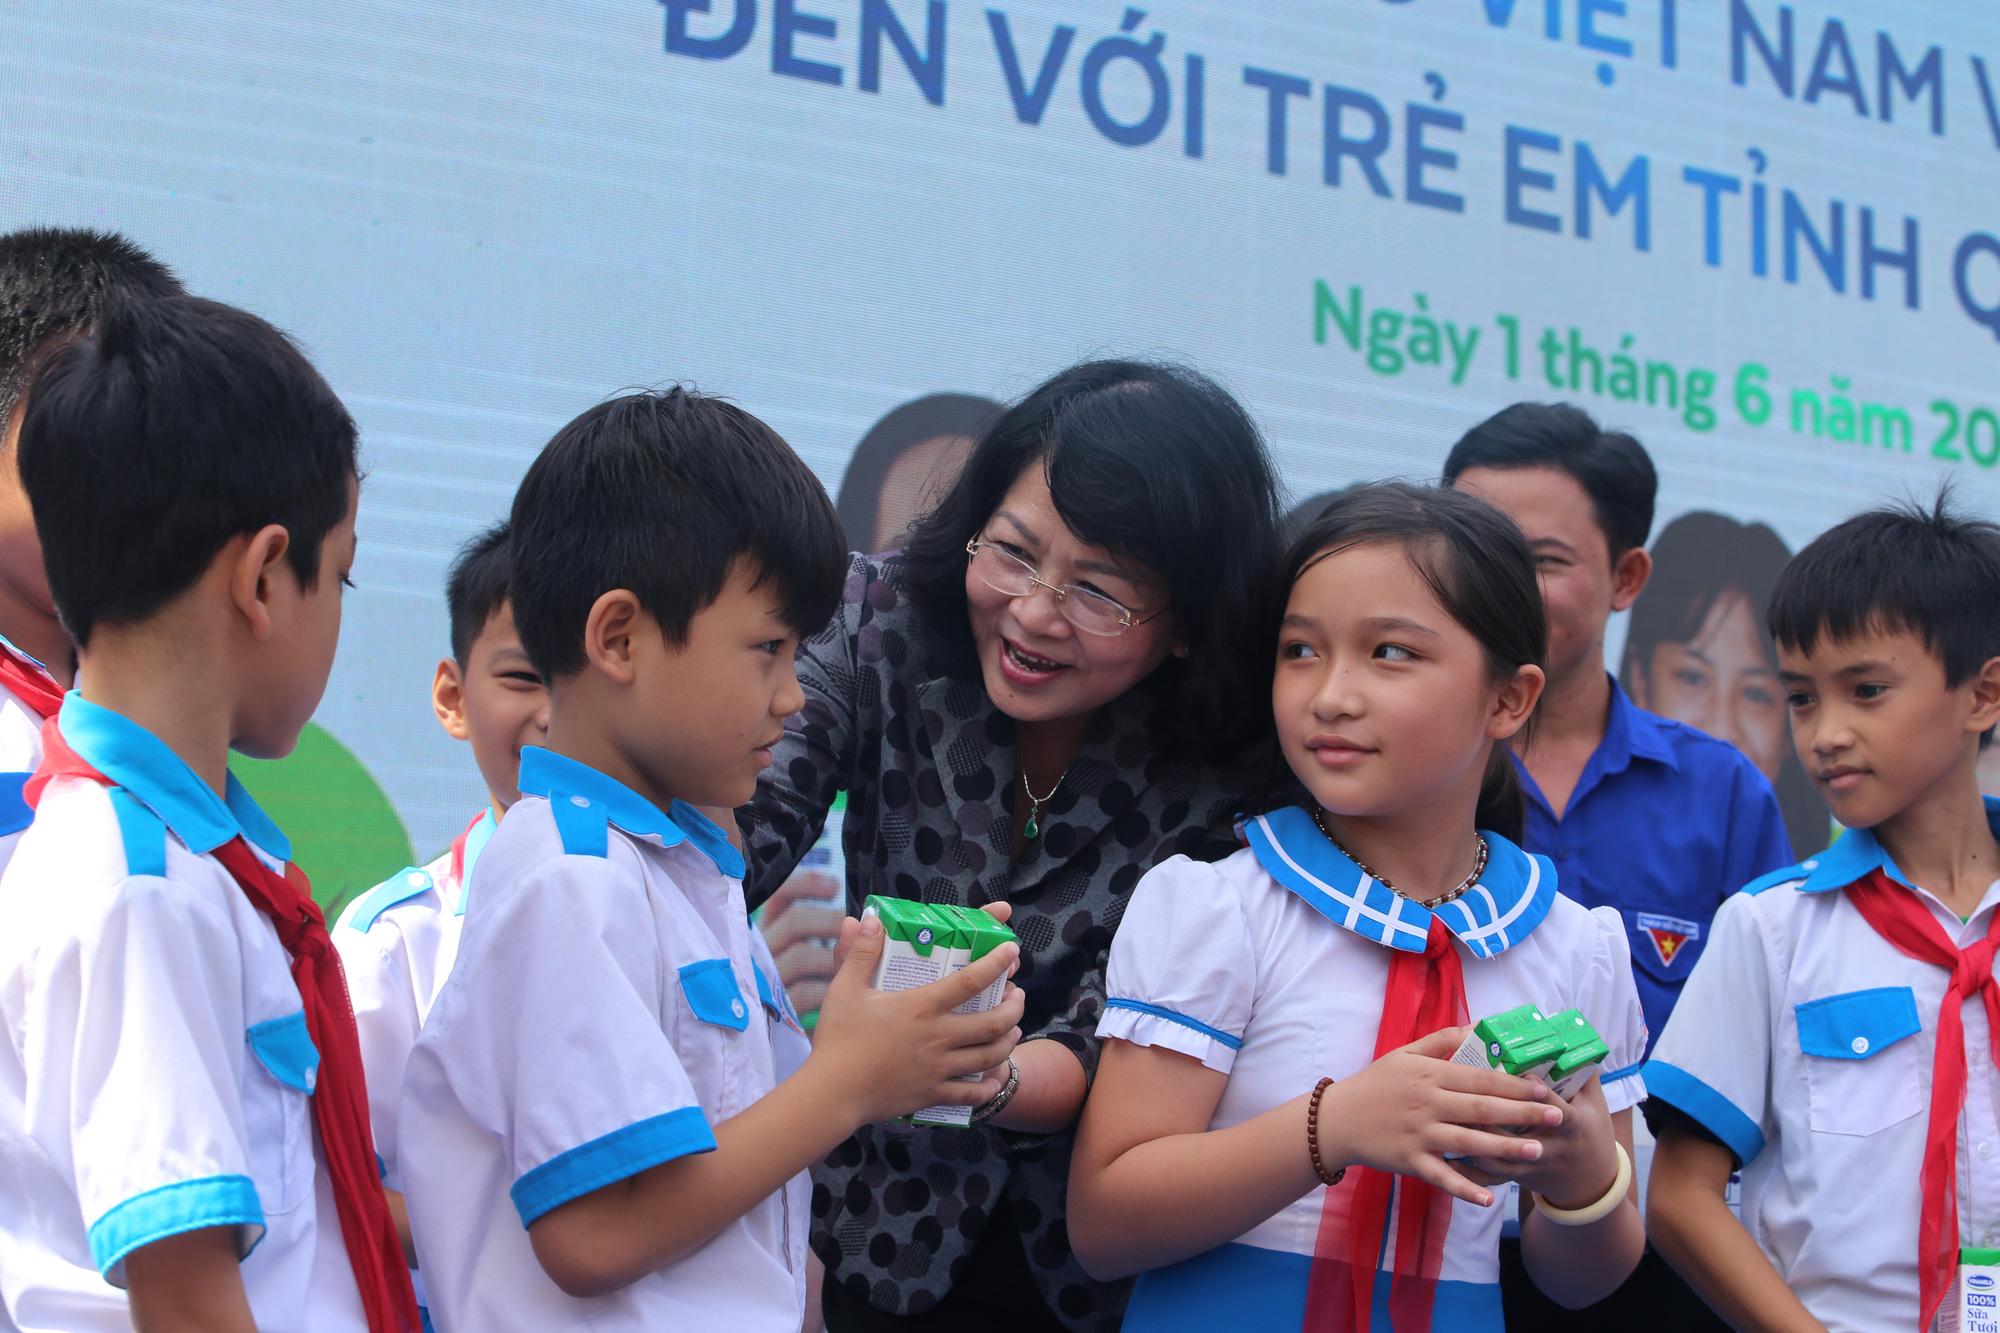 Quảng Nam: Hơn 34.000 trẻ em miền núi, khó khăn được uống Sữa học đường - Ảnh 2.